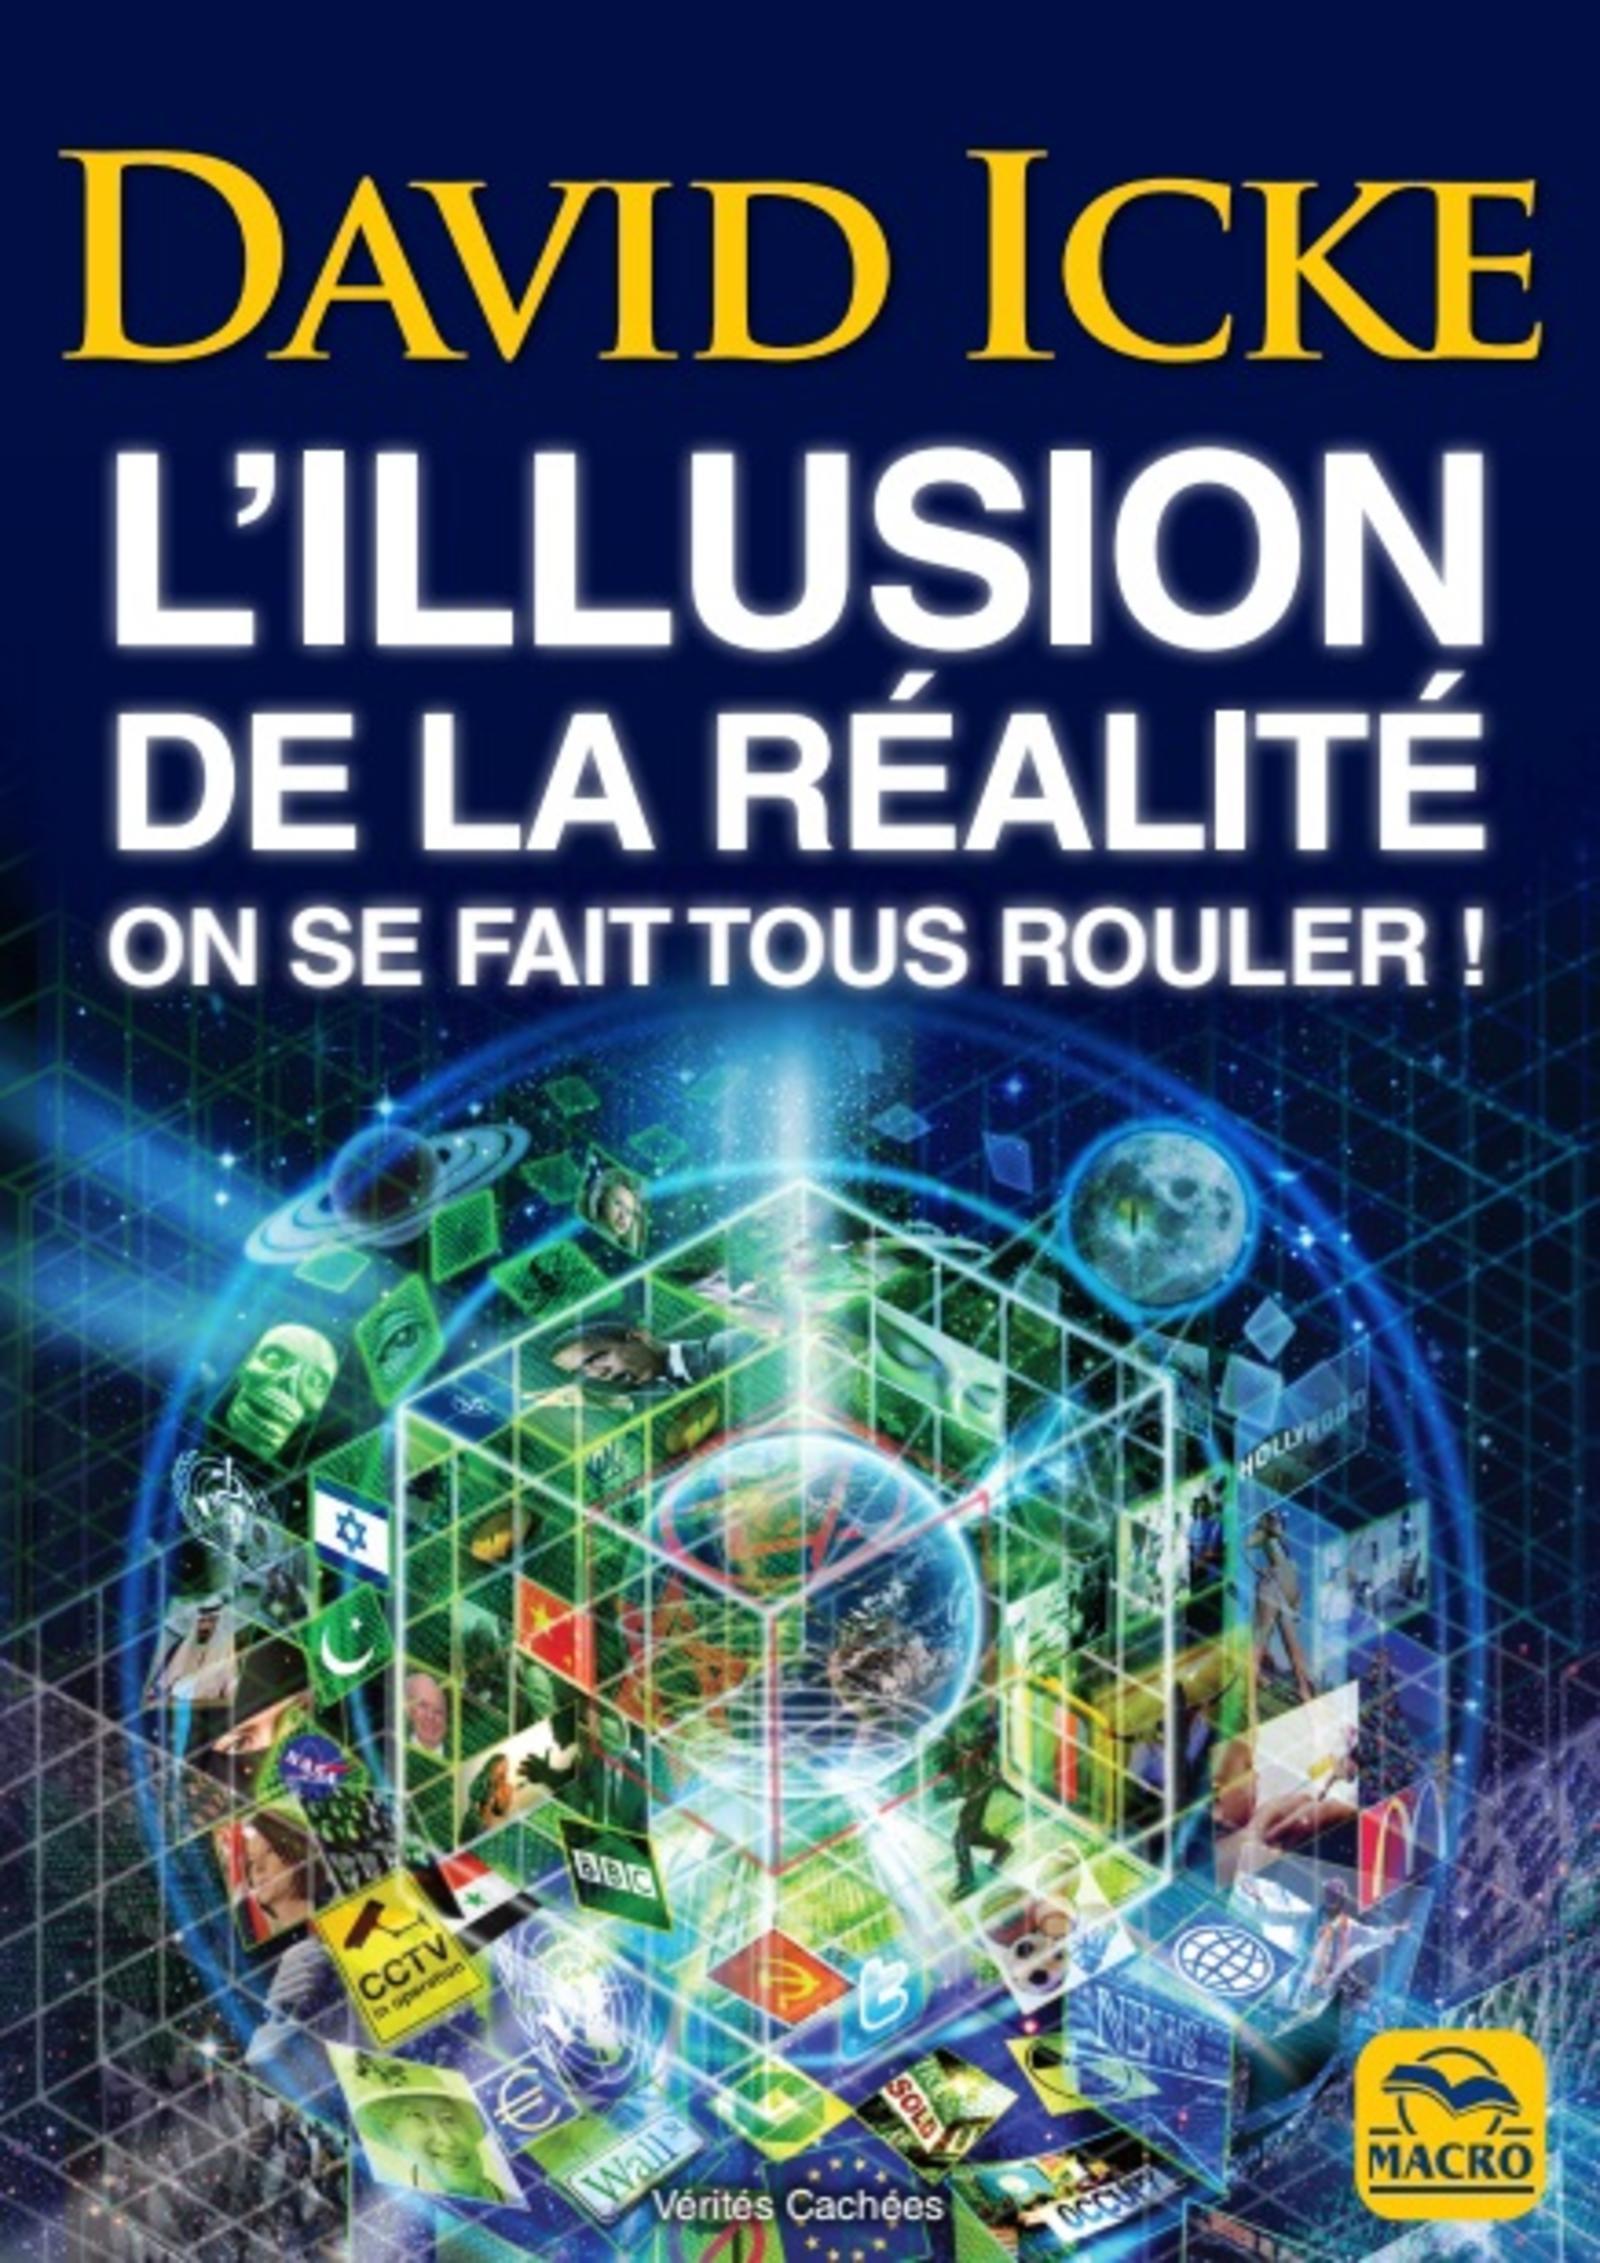 L'ILLUSION DE LA REALITE - ON SE FAIT TOUS ROULER !